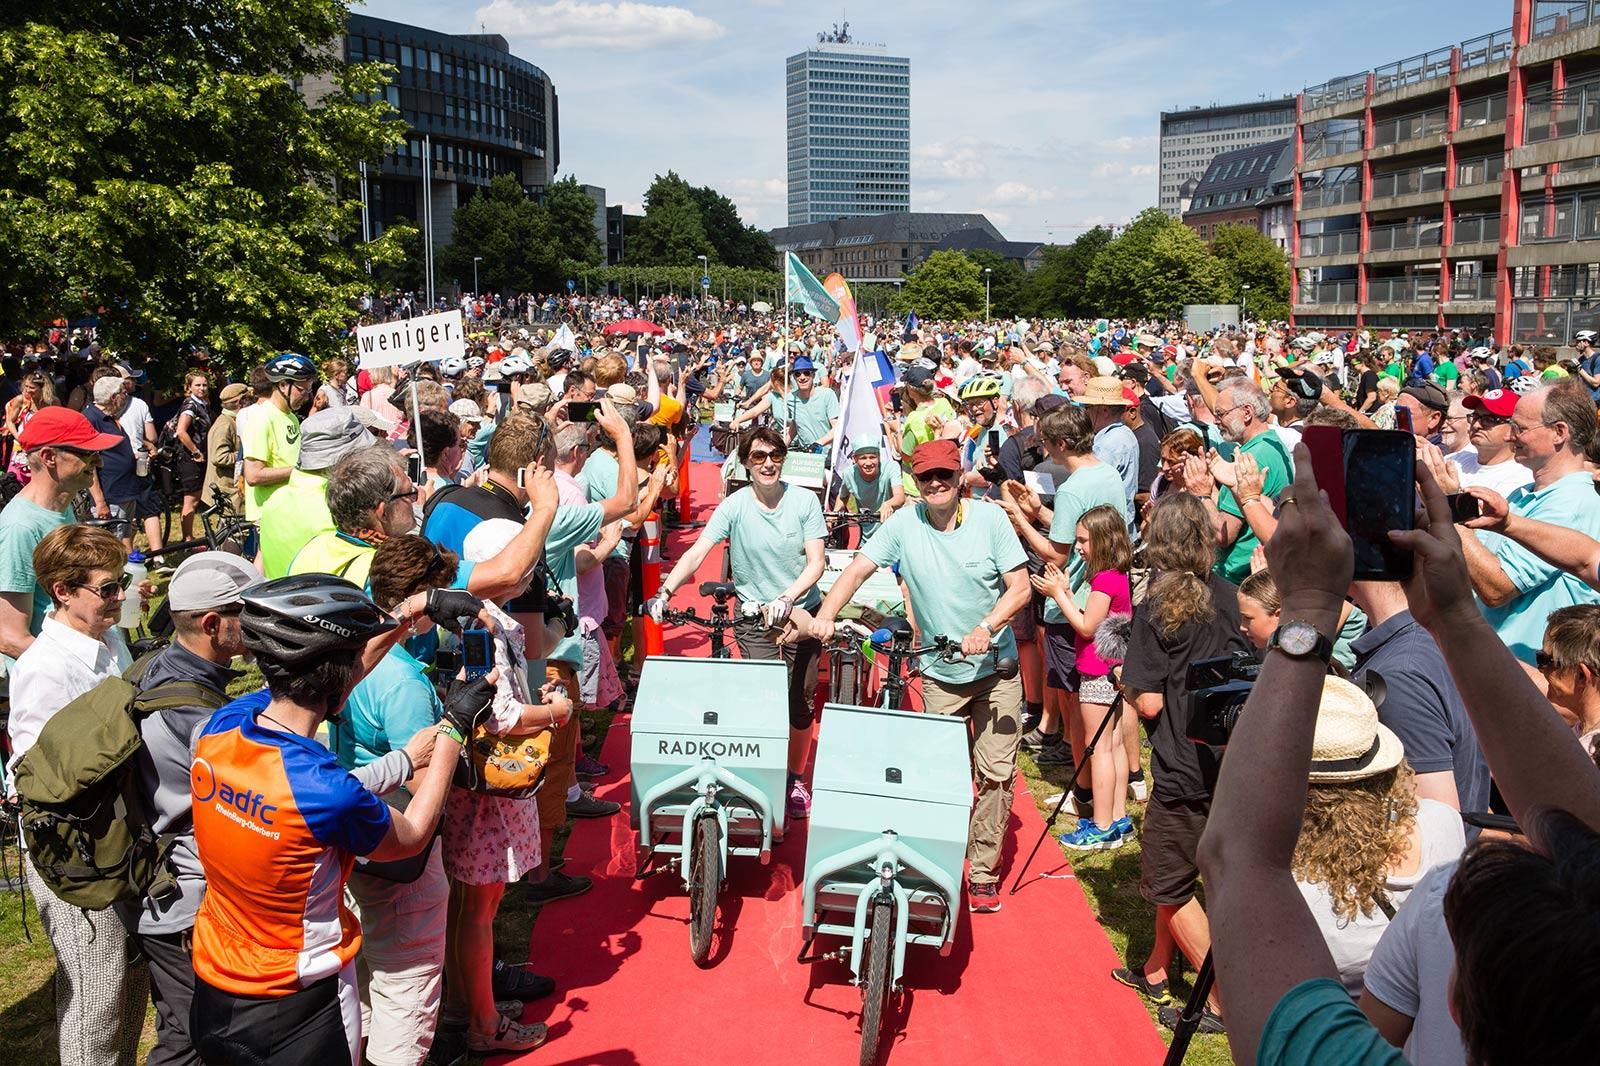 Zwei Personen in hellblauen T-Shirts schieben hellblaue Lastenräder durch eine Menschenmenge.